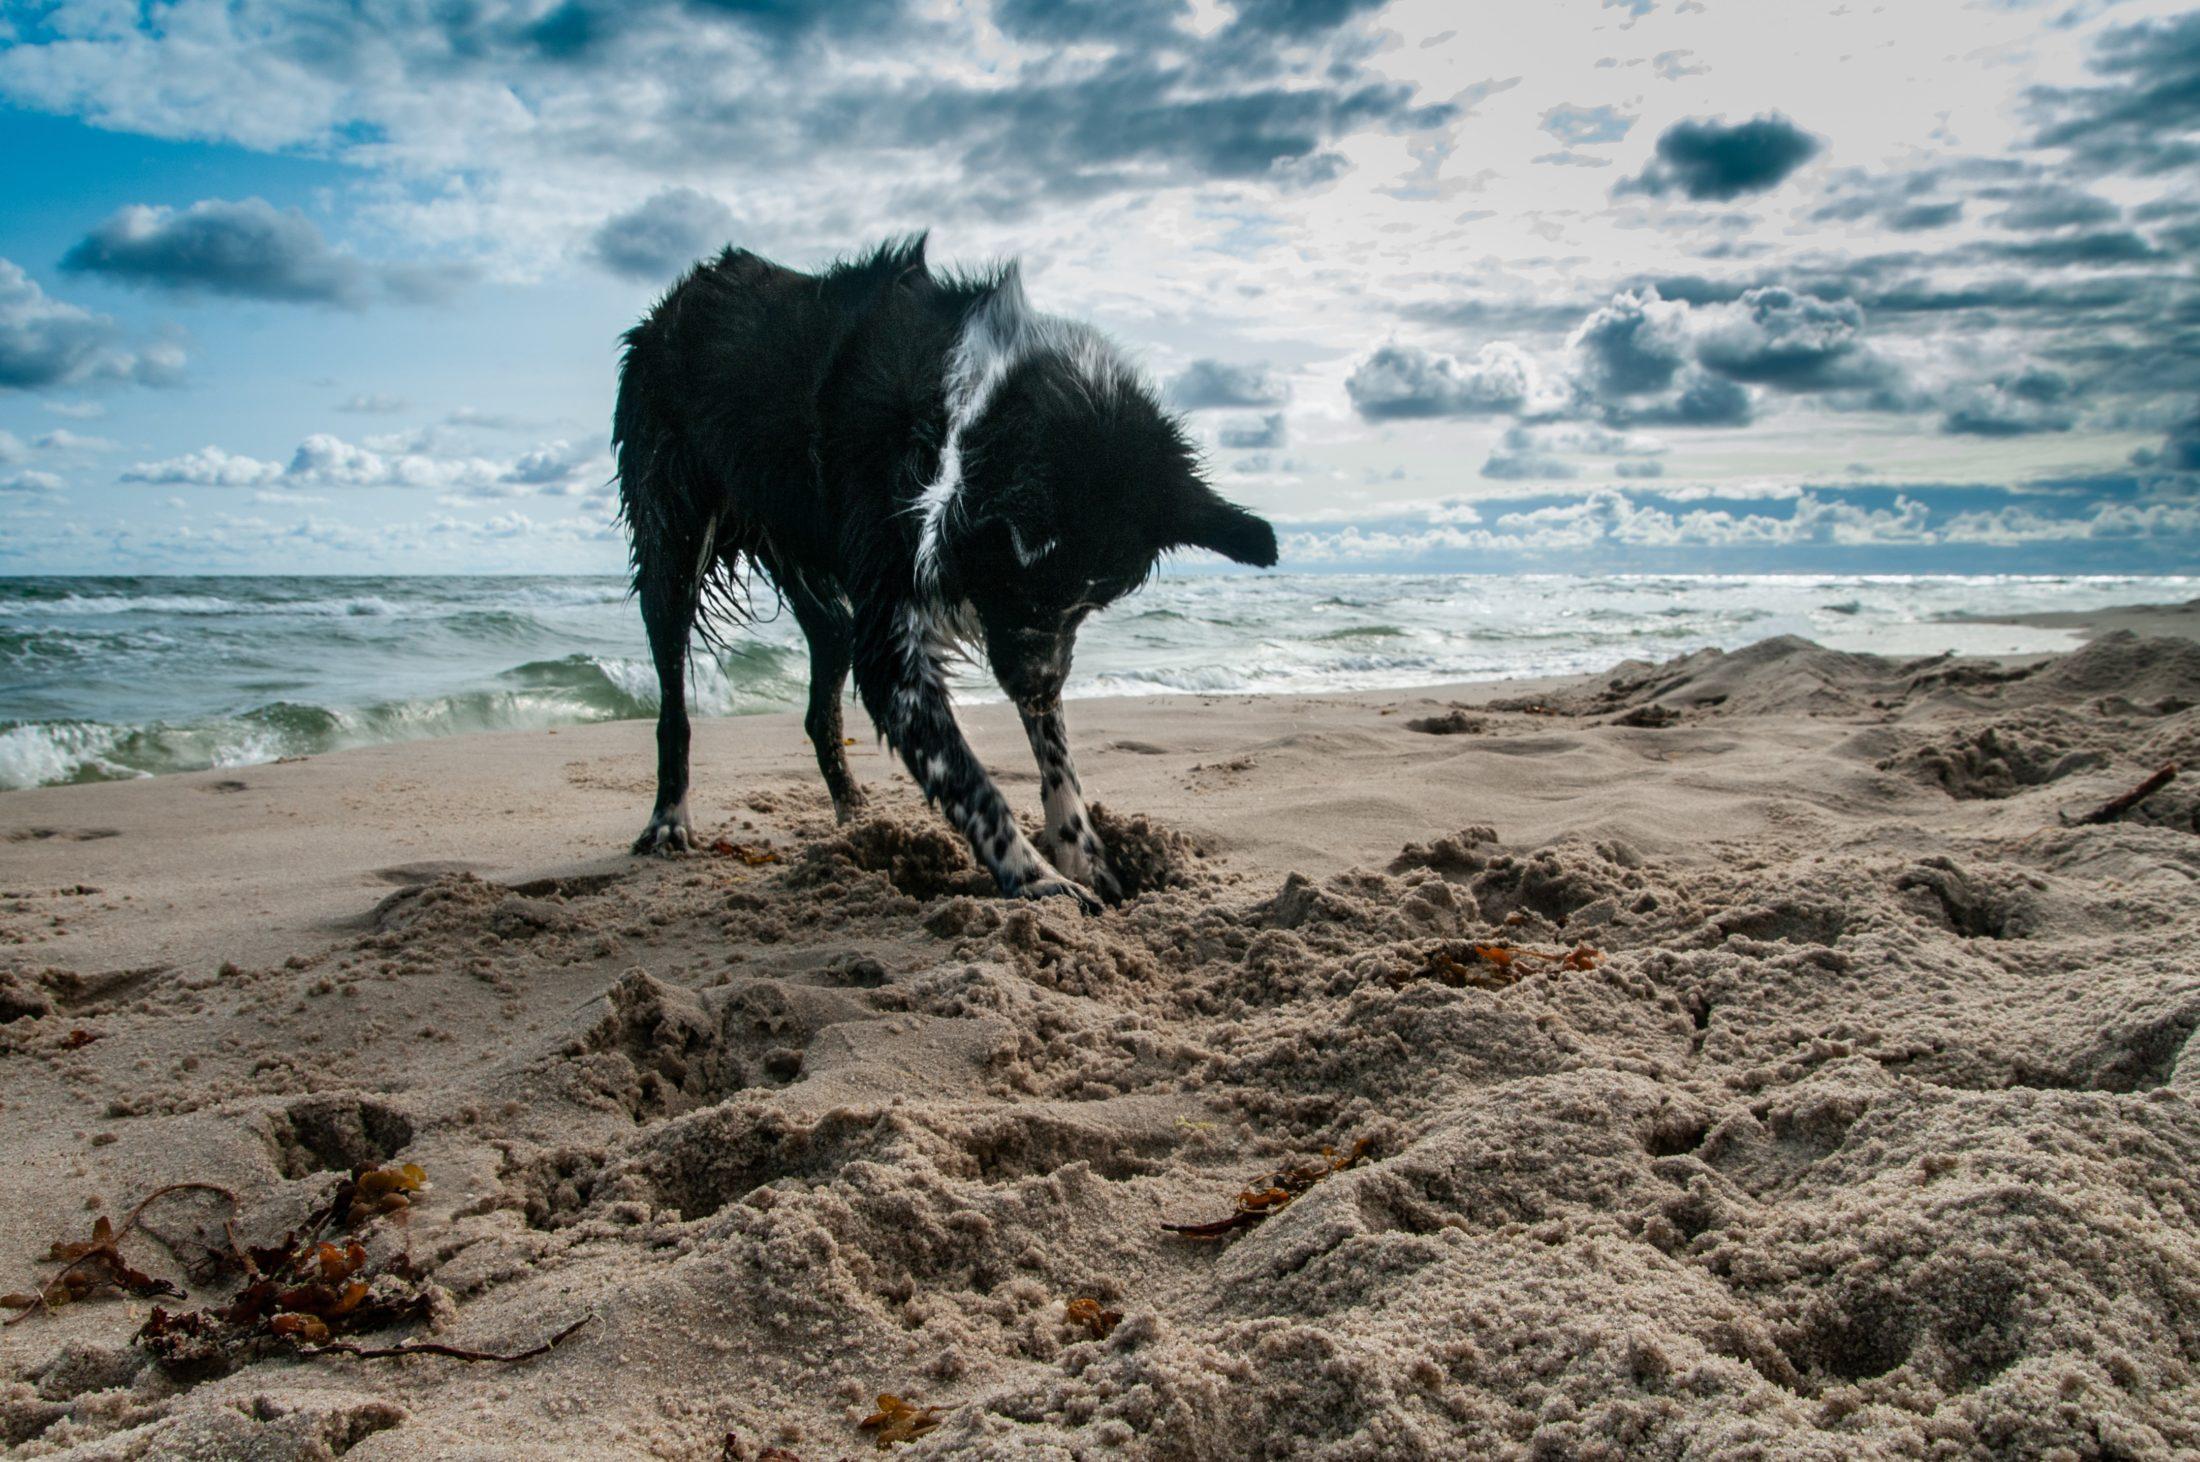 comportamento canino: cachorro cavando na areia da praia